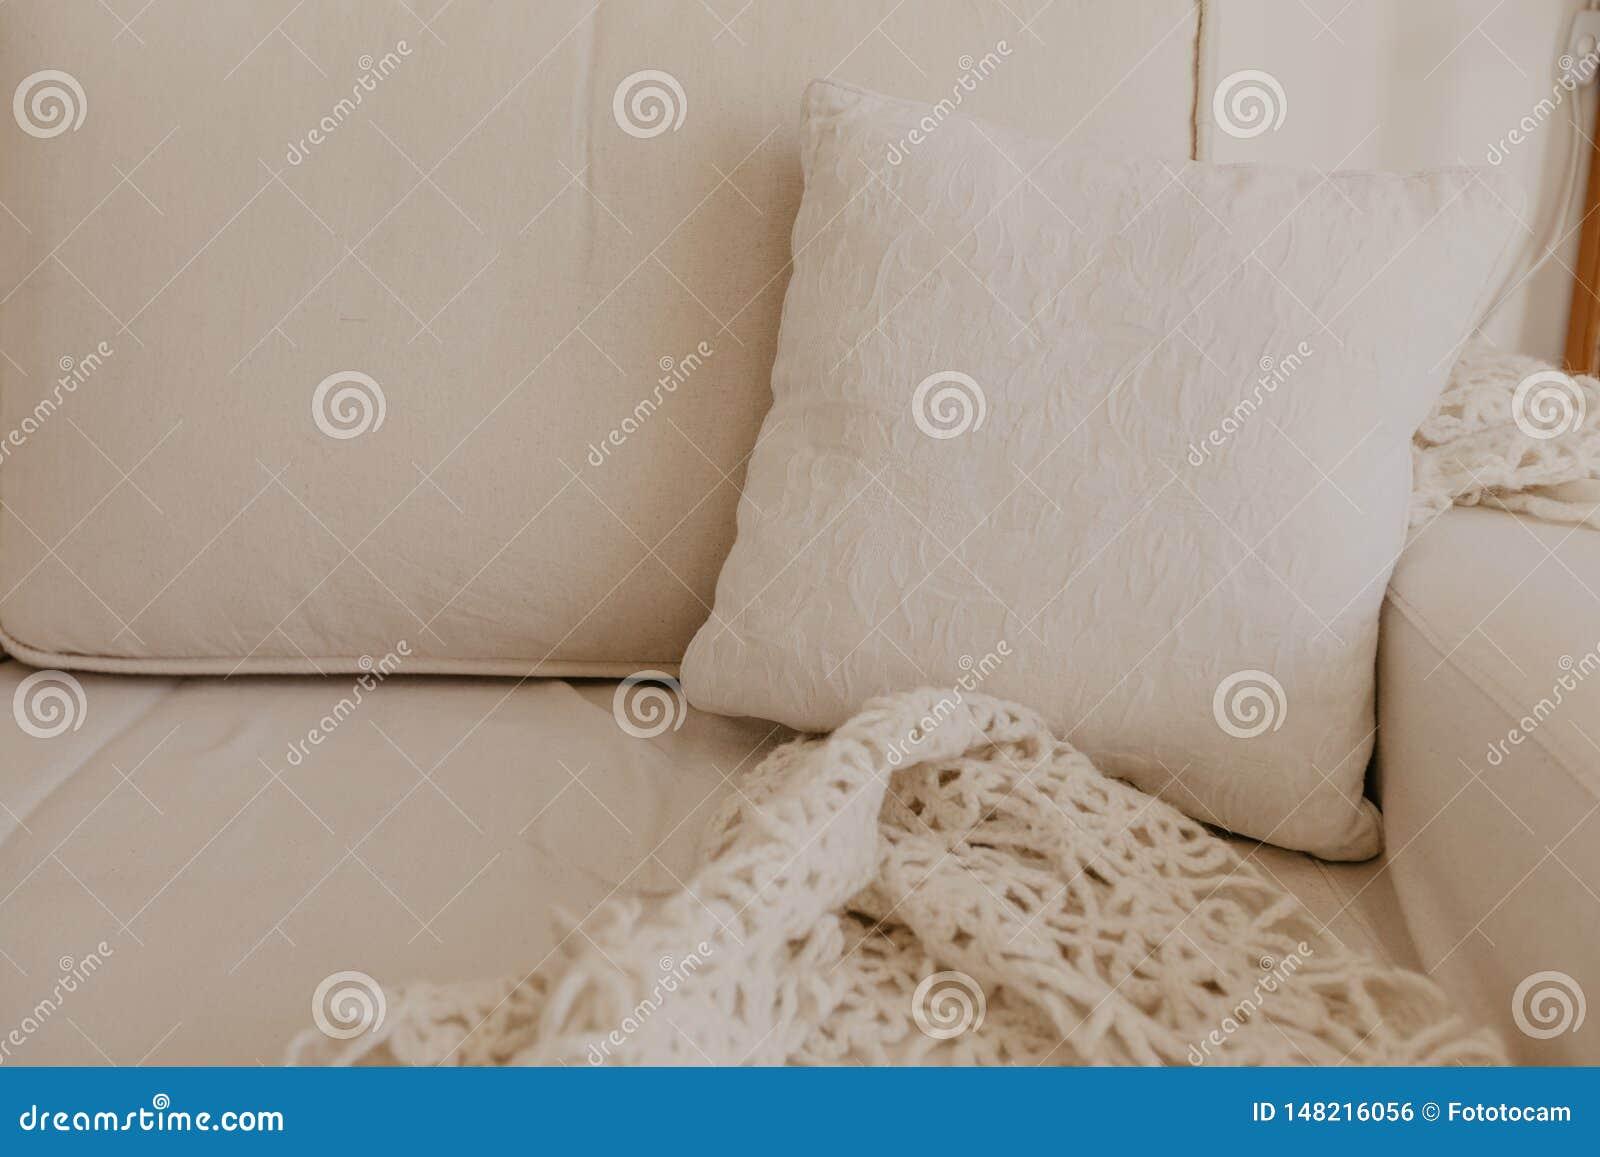 Beige Sofa mit Kissen im Wohnzimmer